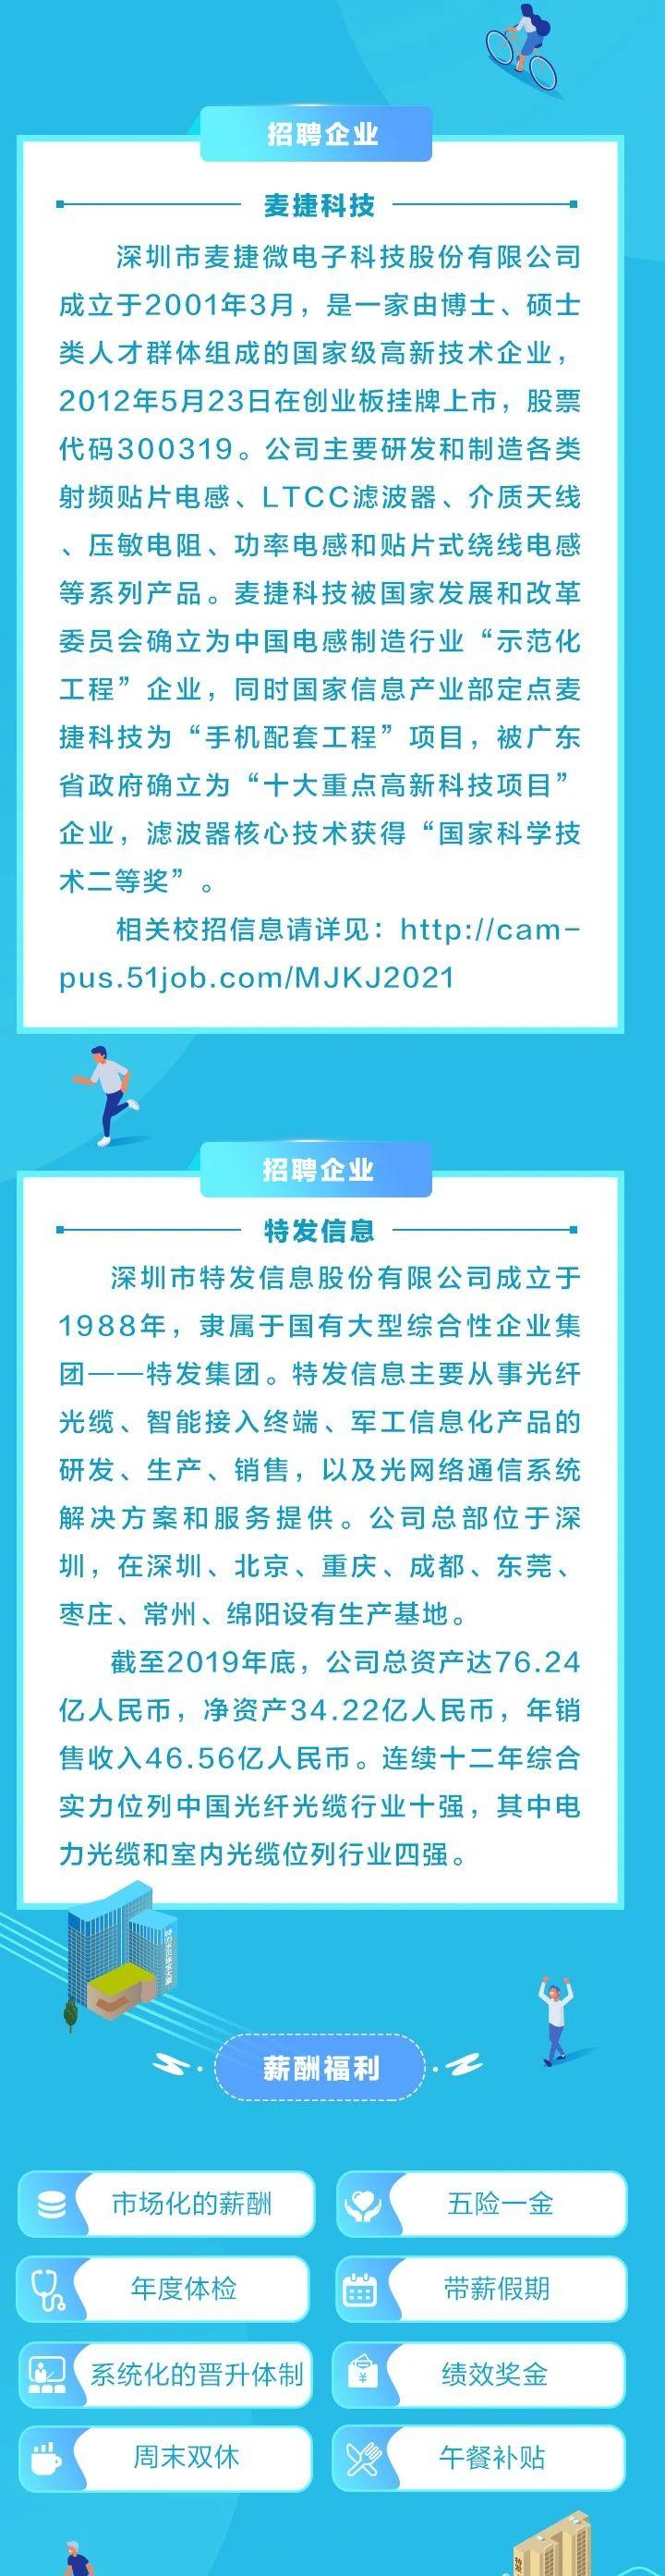 微信图片_20200914100446.jpg